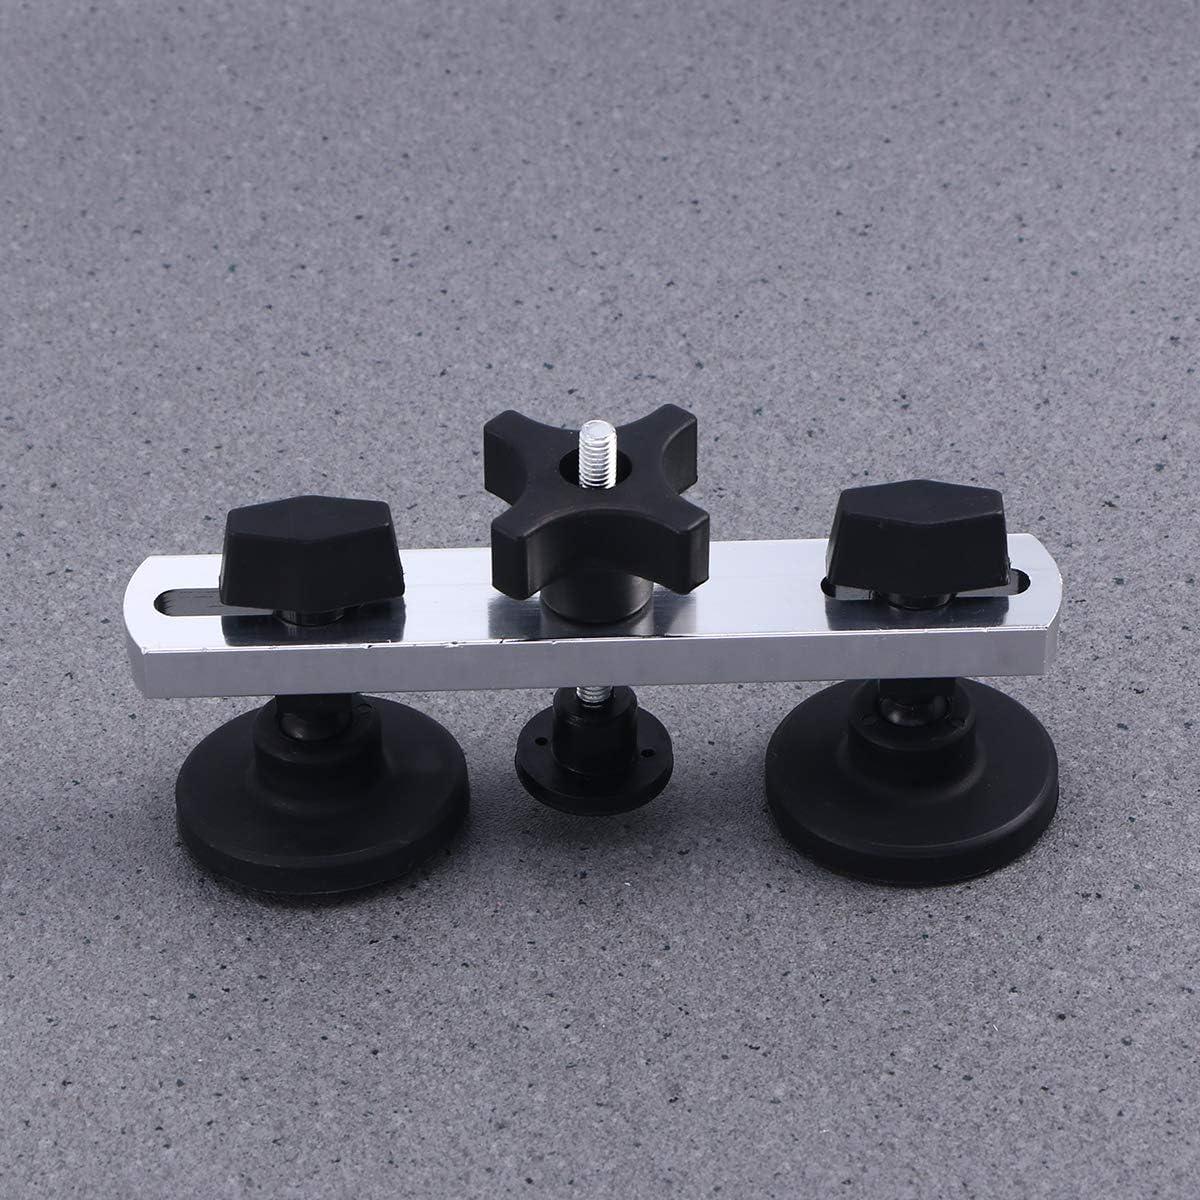 Vosarea Auto Paintless Metall Br/ücke Dent Repair Tools Kit Dent Lifter Werkzeugsatz f/ür die Reparatur von Kfz-Fahrzeugen